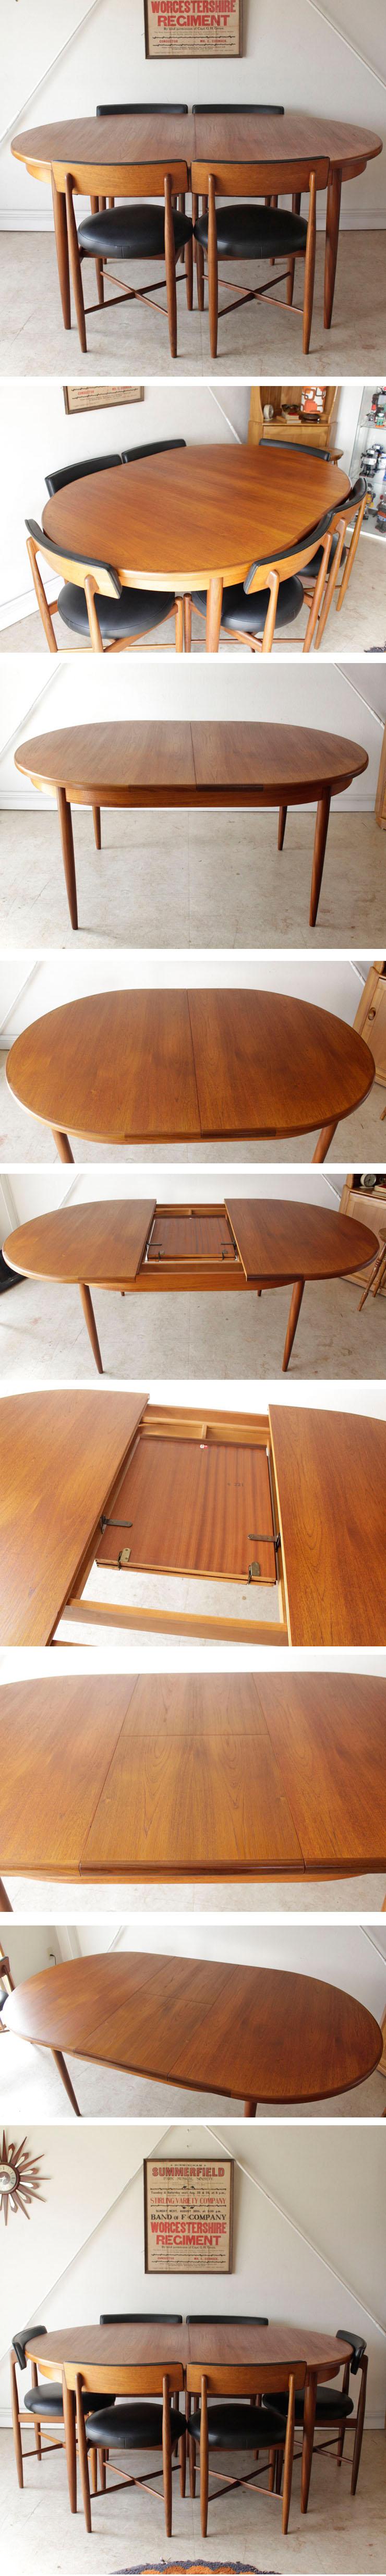 イギリス製・G-plan・ジープラン・オーバルダイニングテーブル・ビンテージ